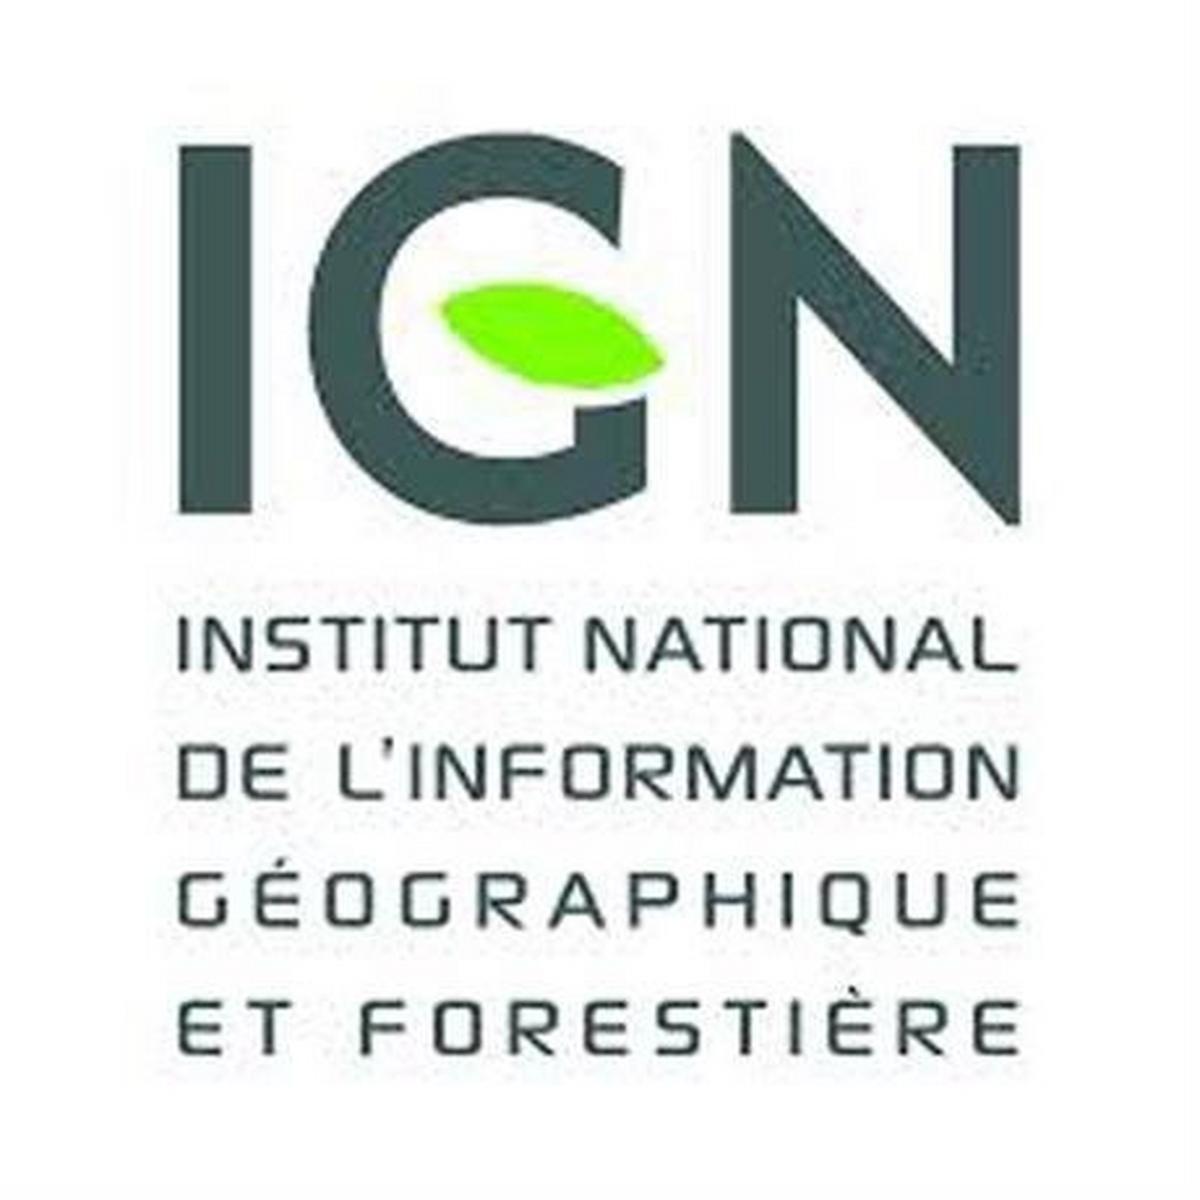 Ign Maps France Map 4149 OT Corsica: Calvi - Cirque de Bonifatu GR20 1:25,000